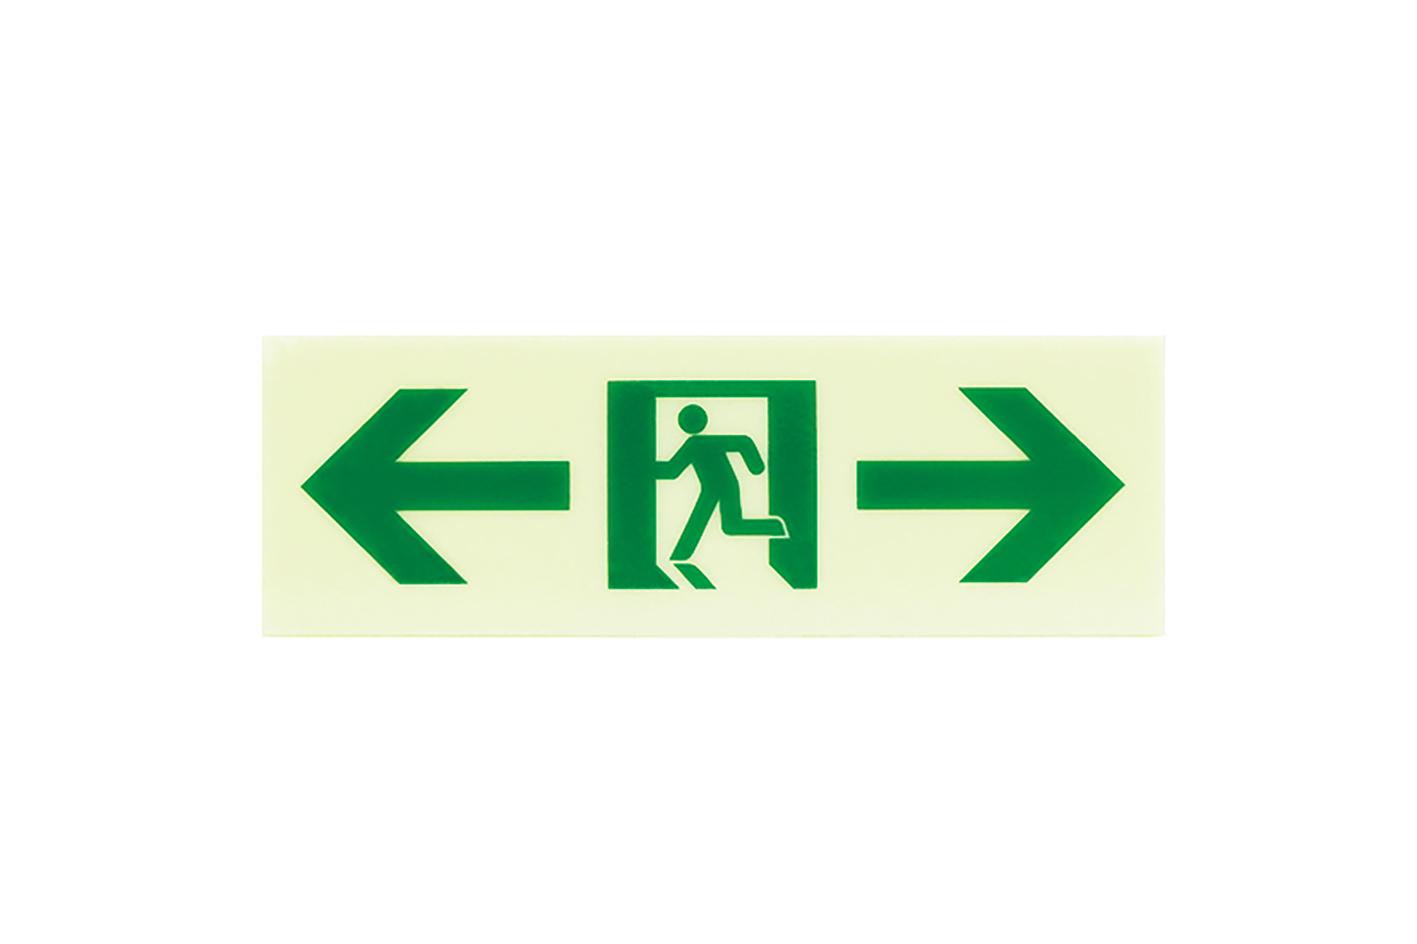 ルナウェアセーフティーサイン床用 避難方向明示物両矢印 高輝度蓄光式避難誘導標識 東京消防庁規格適合品 地下通路安全対策 床施工誘導標識 地下通路停電対策 タイの洞窟救出ルナウェア